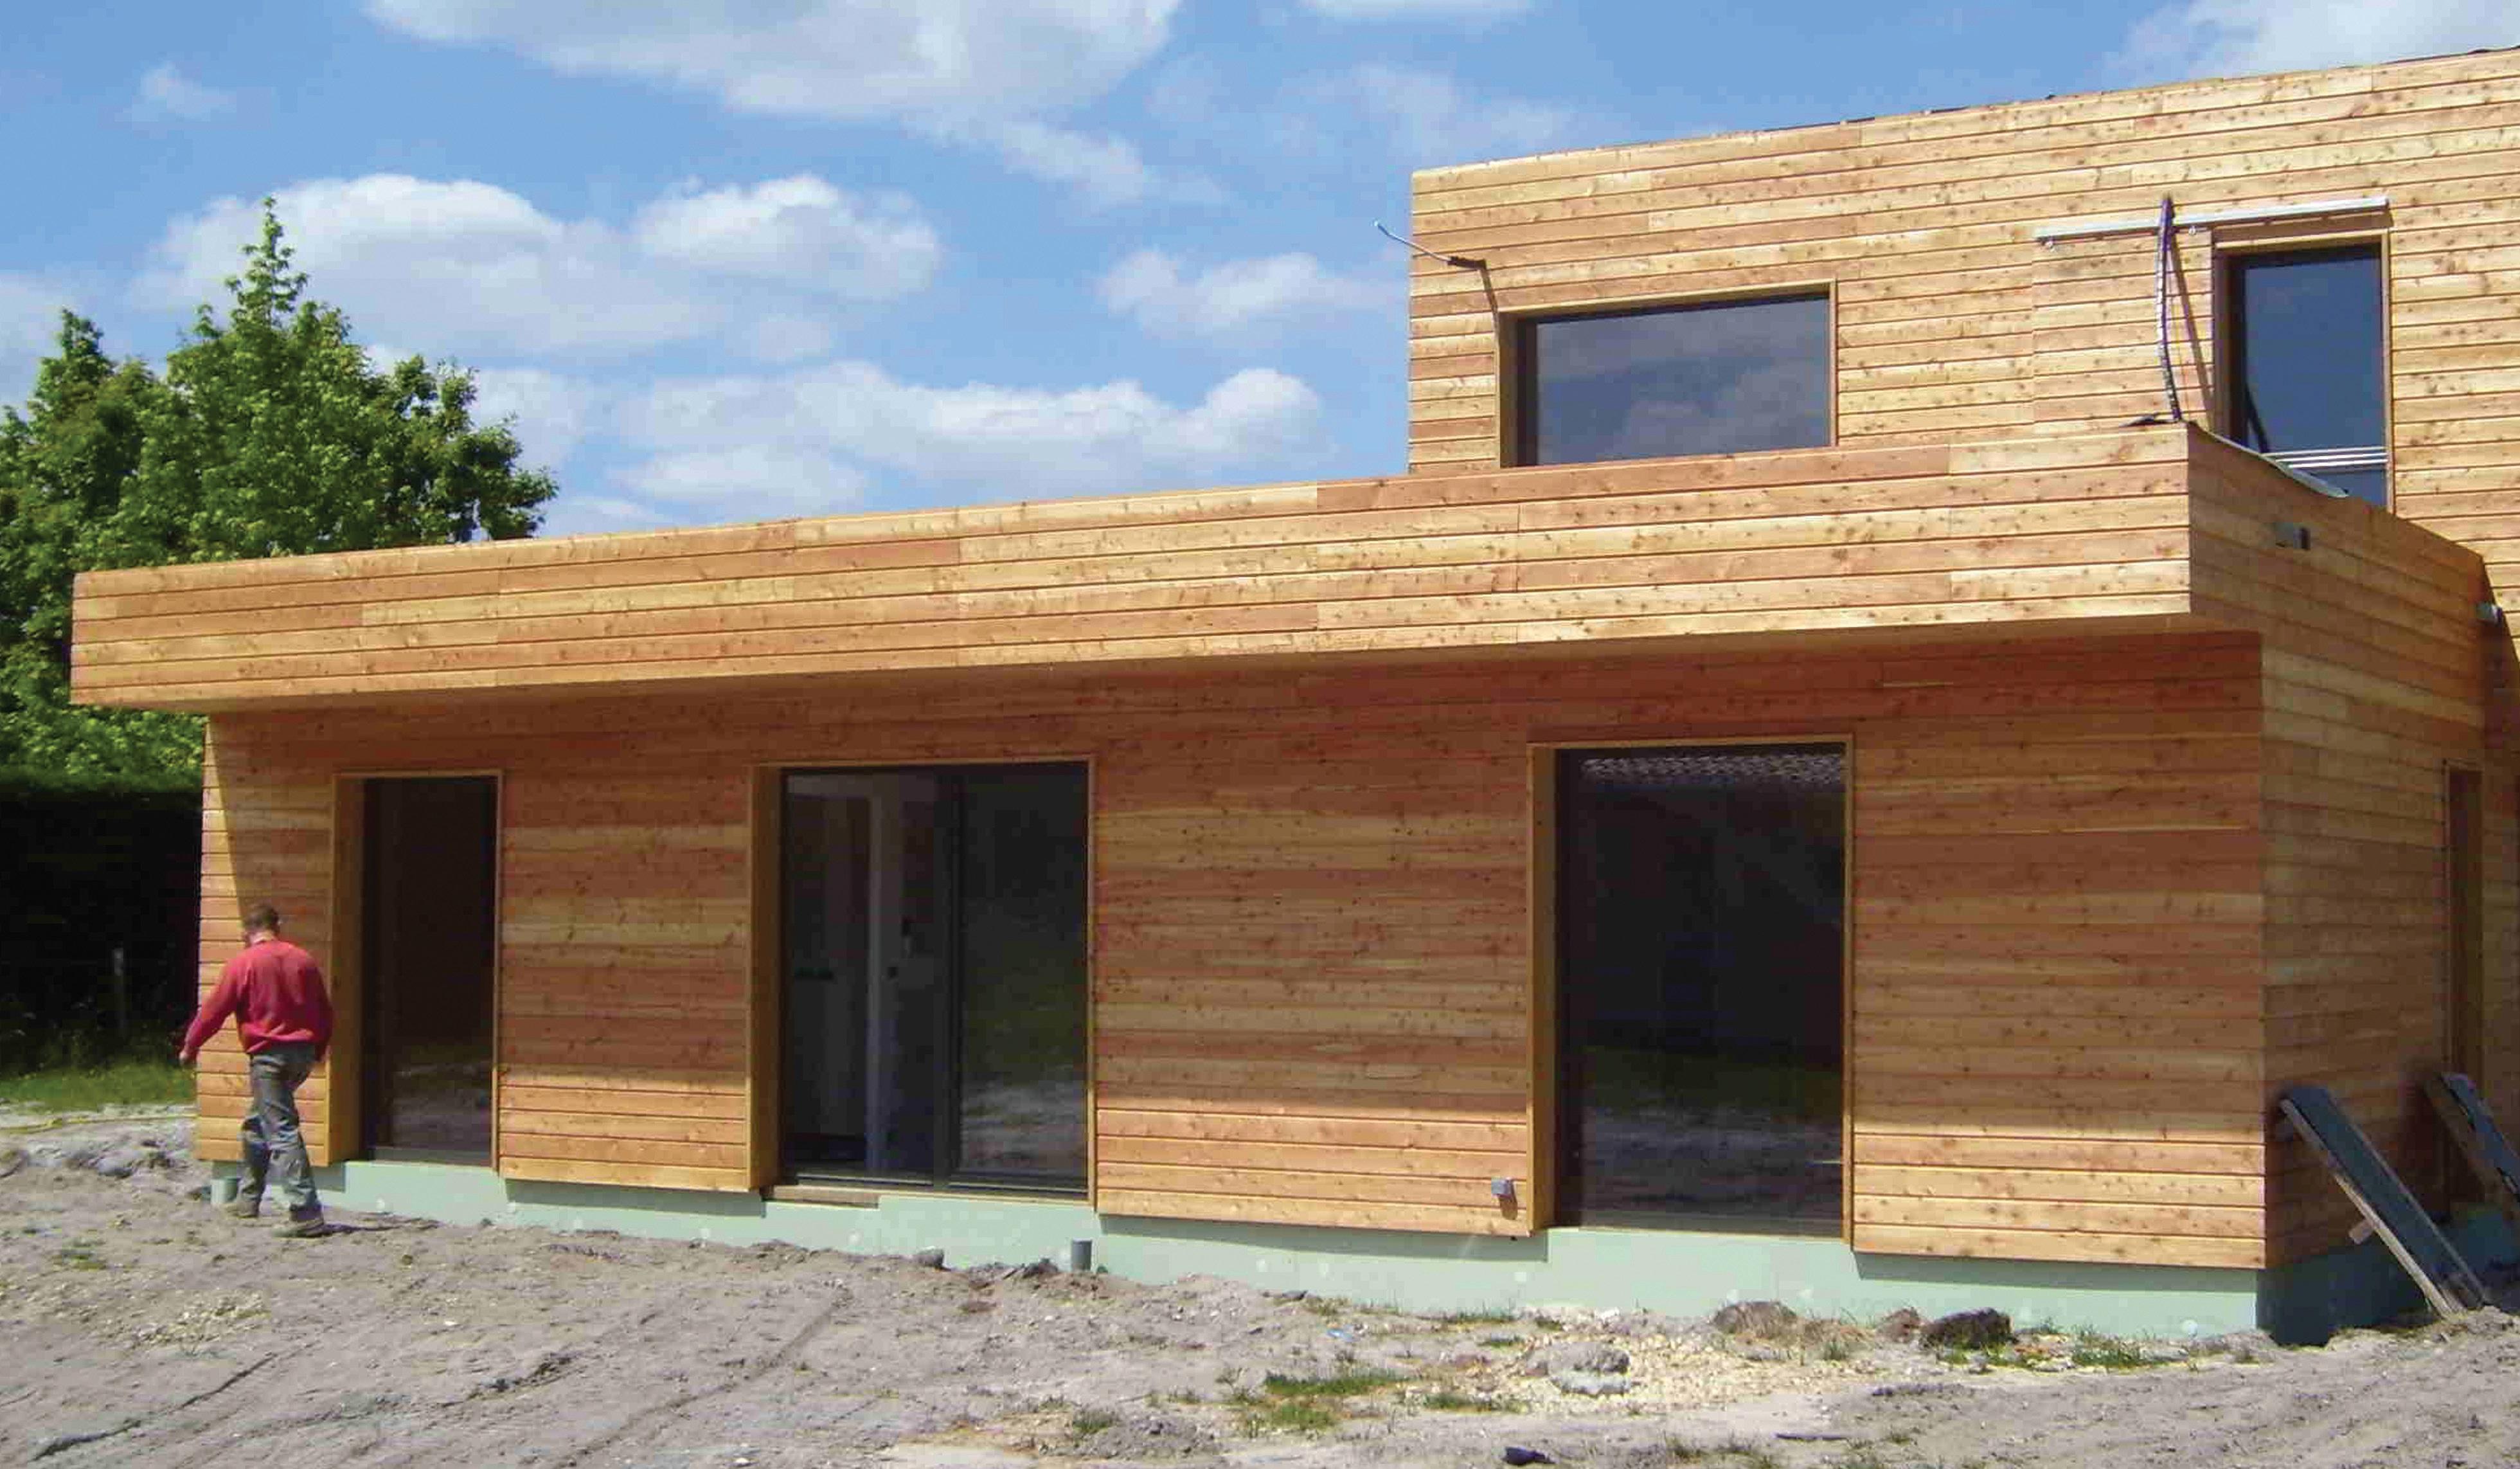 A quelques mois de l'entrée en vigueur de la nouvelle réglementation thermique RT 2012, l'association Promotelec publie une étude sur les tendances de la construction BBC.